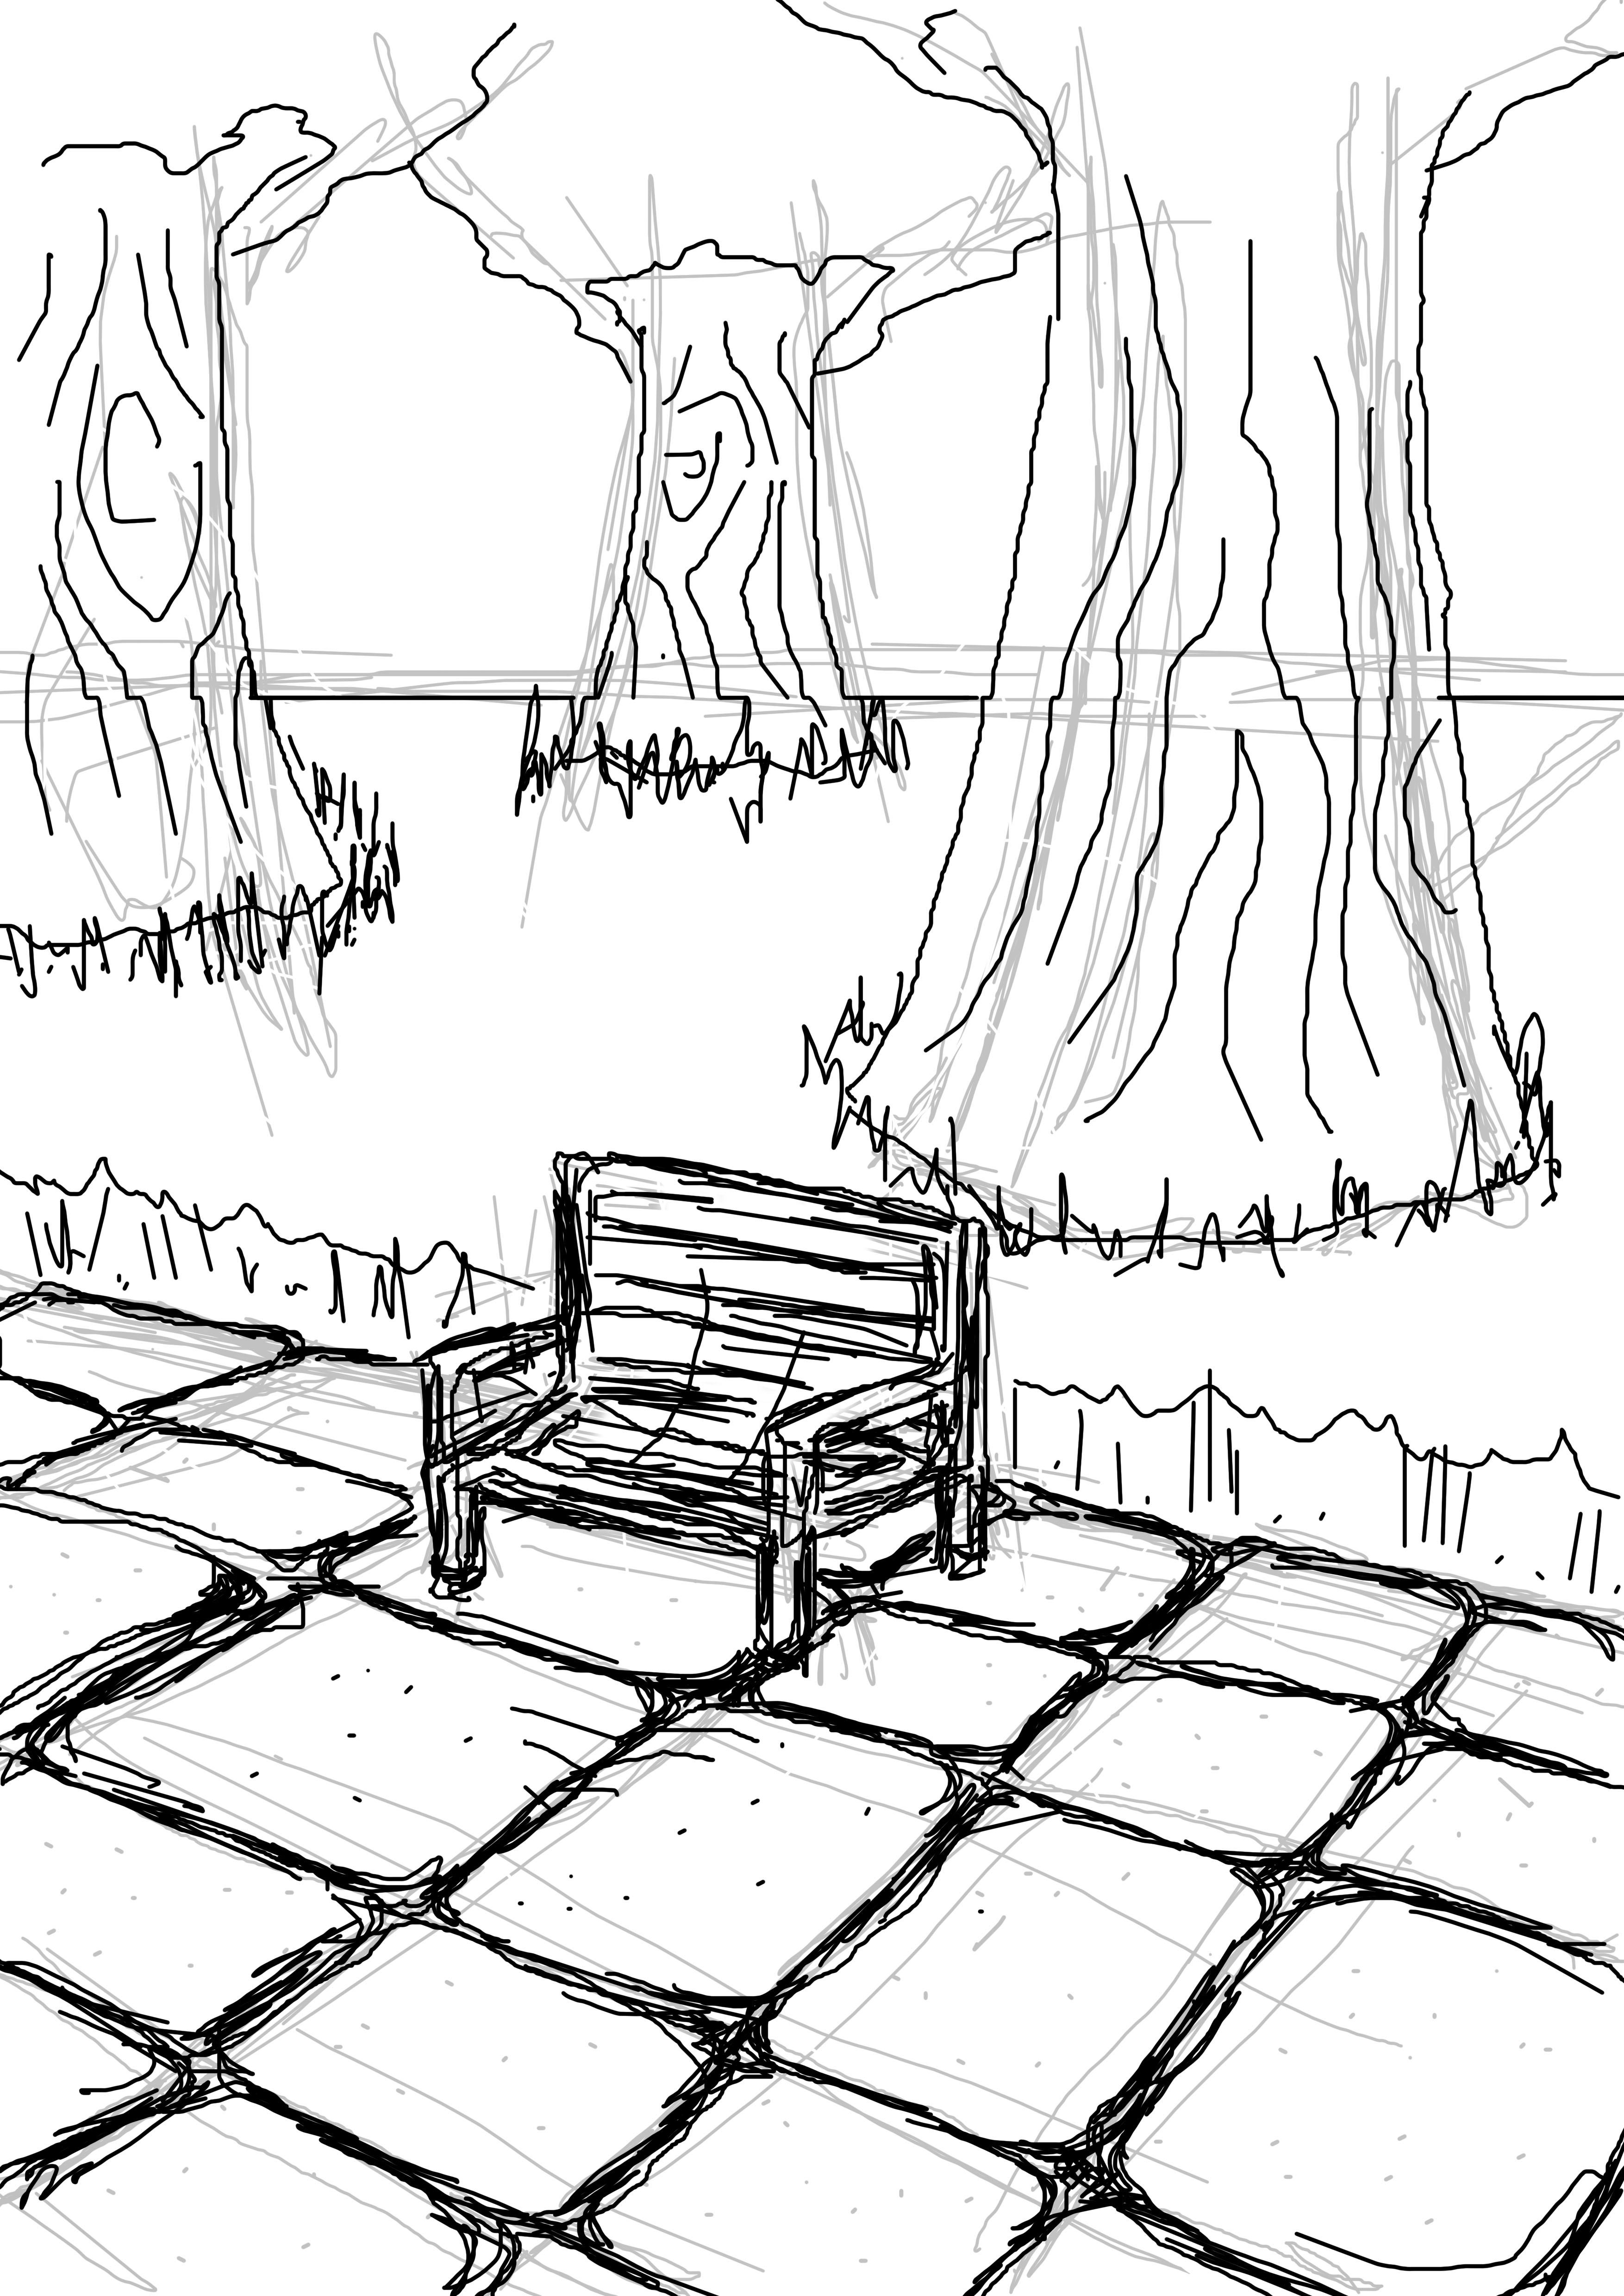 3508x4961 Sketch Of Park Scene Adamo Forster